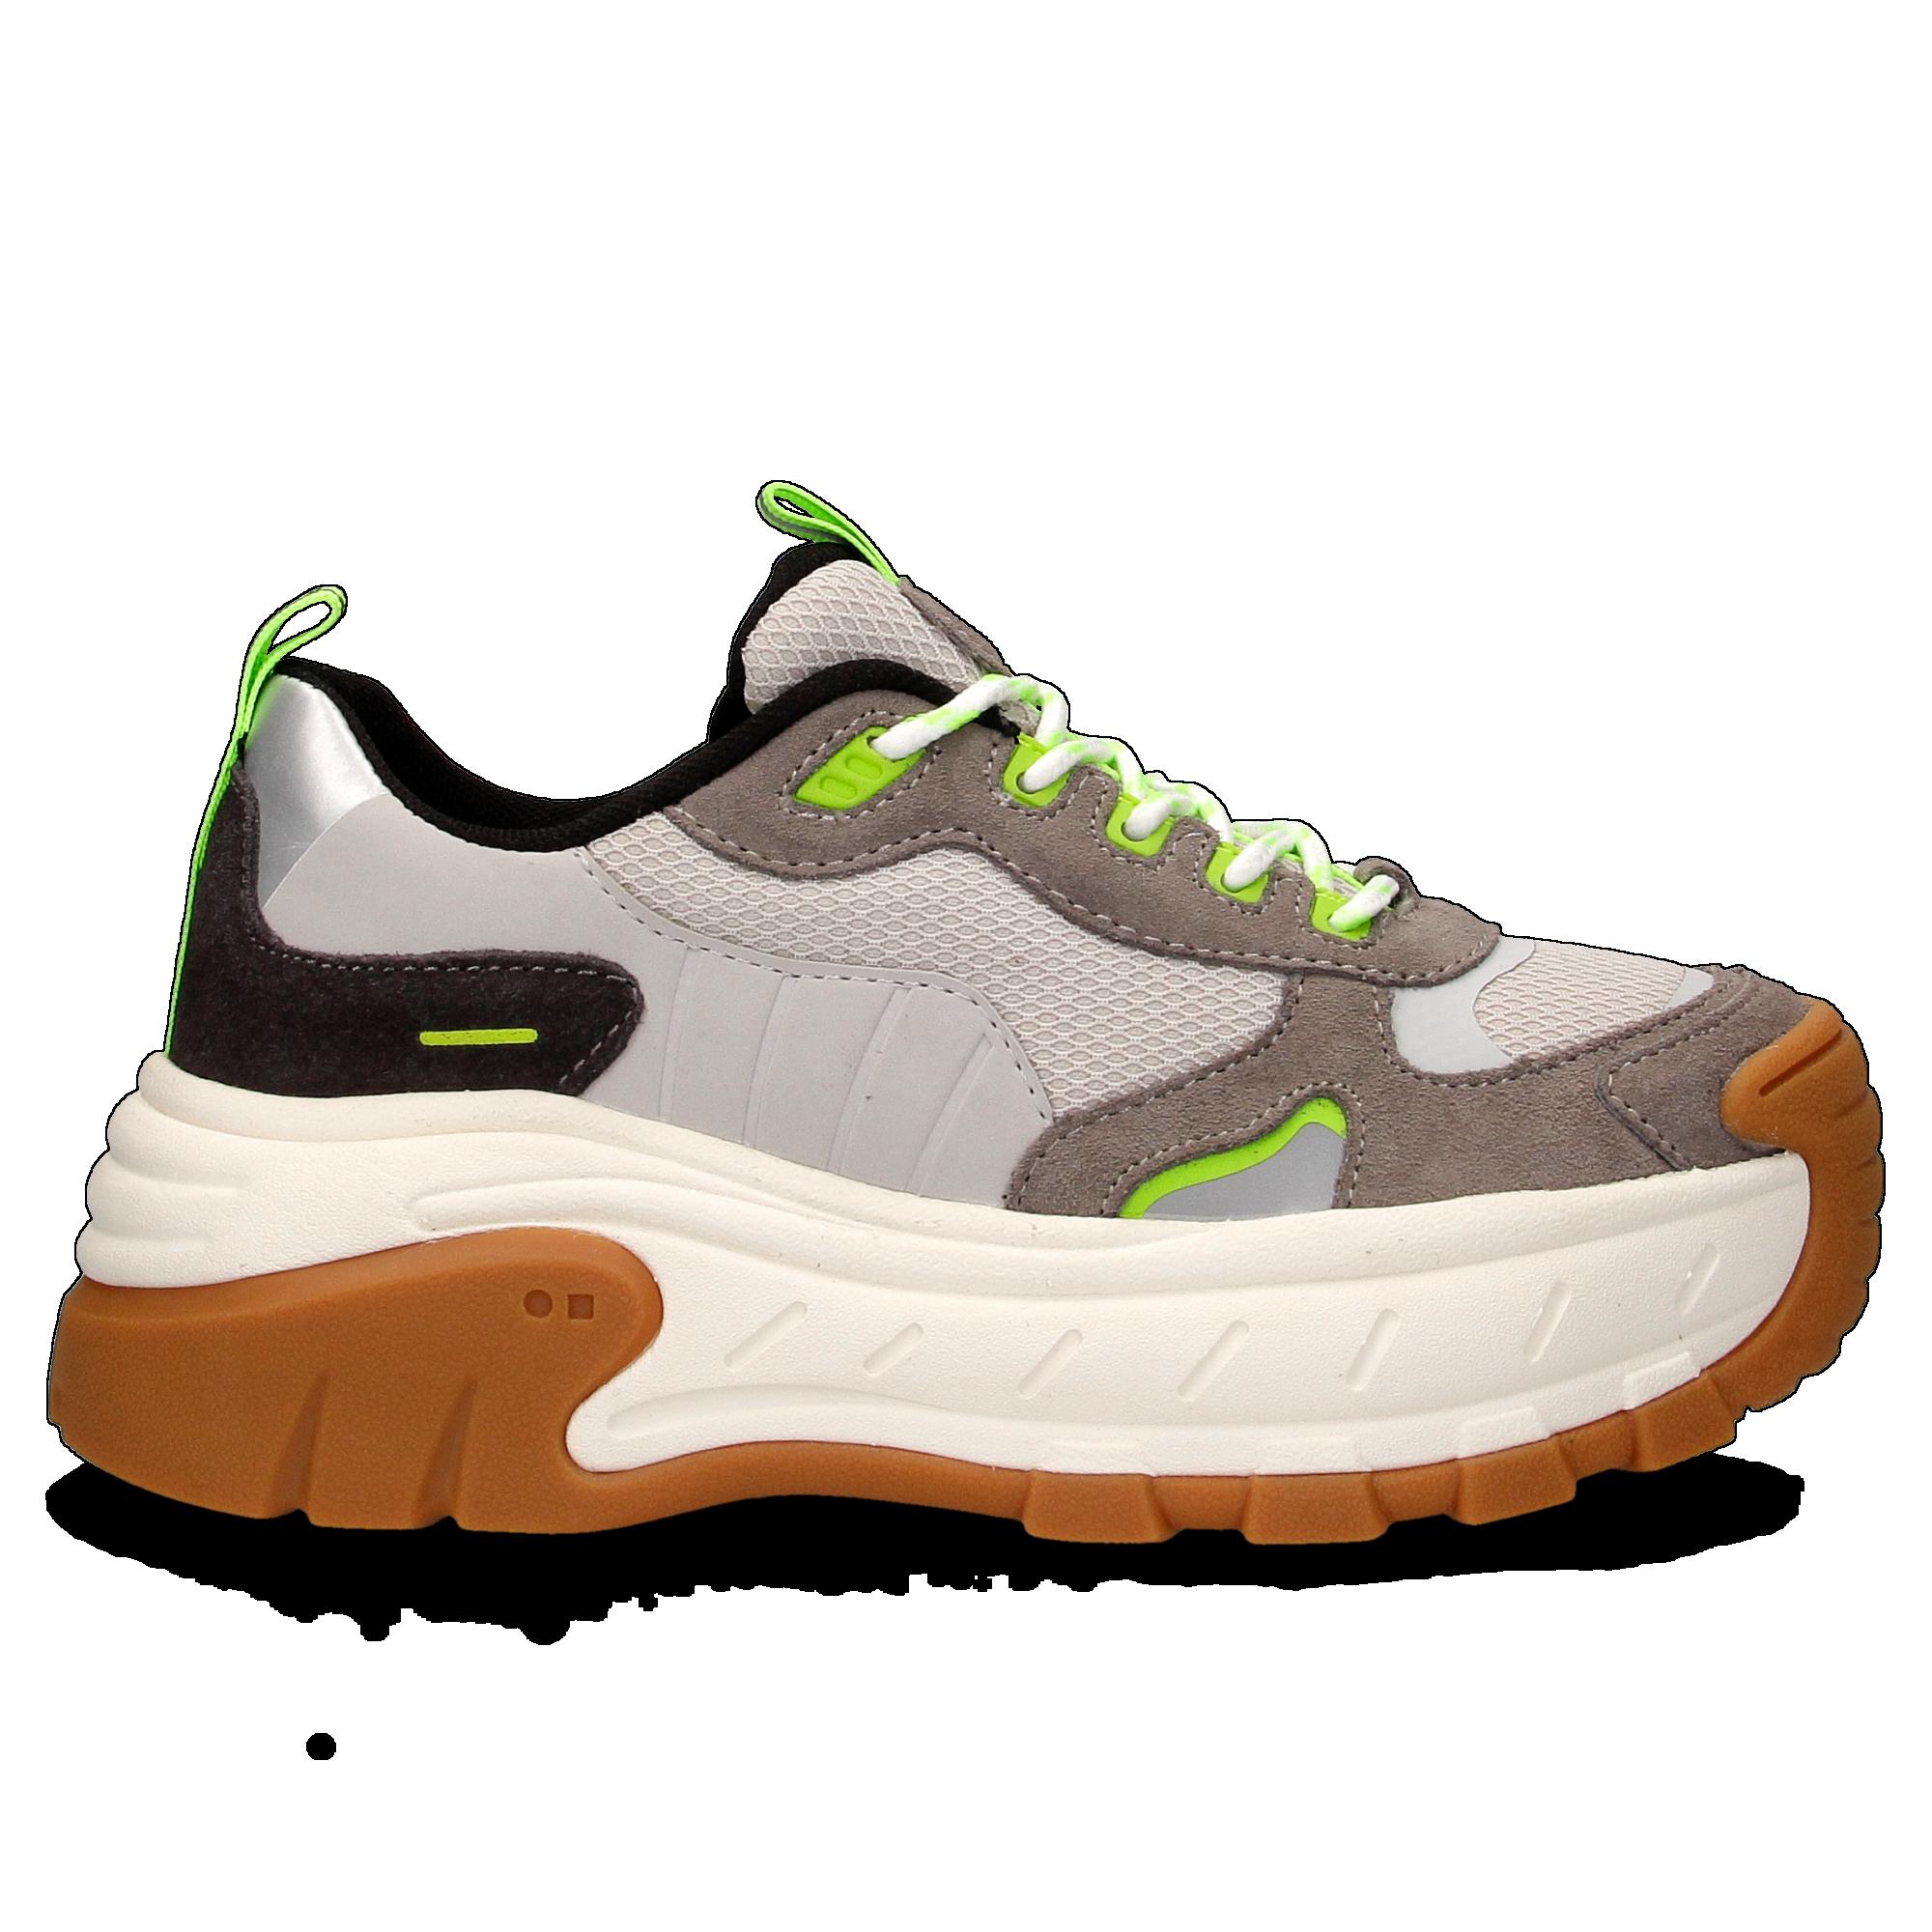 new product 6416f 40942 Compra online el mejor Calzado - Zapatos   Coolway